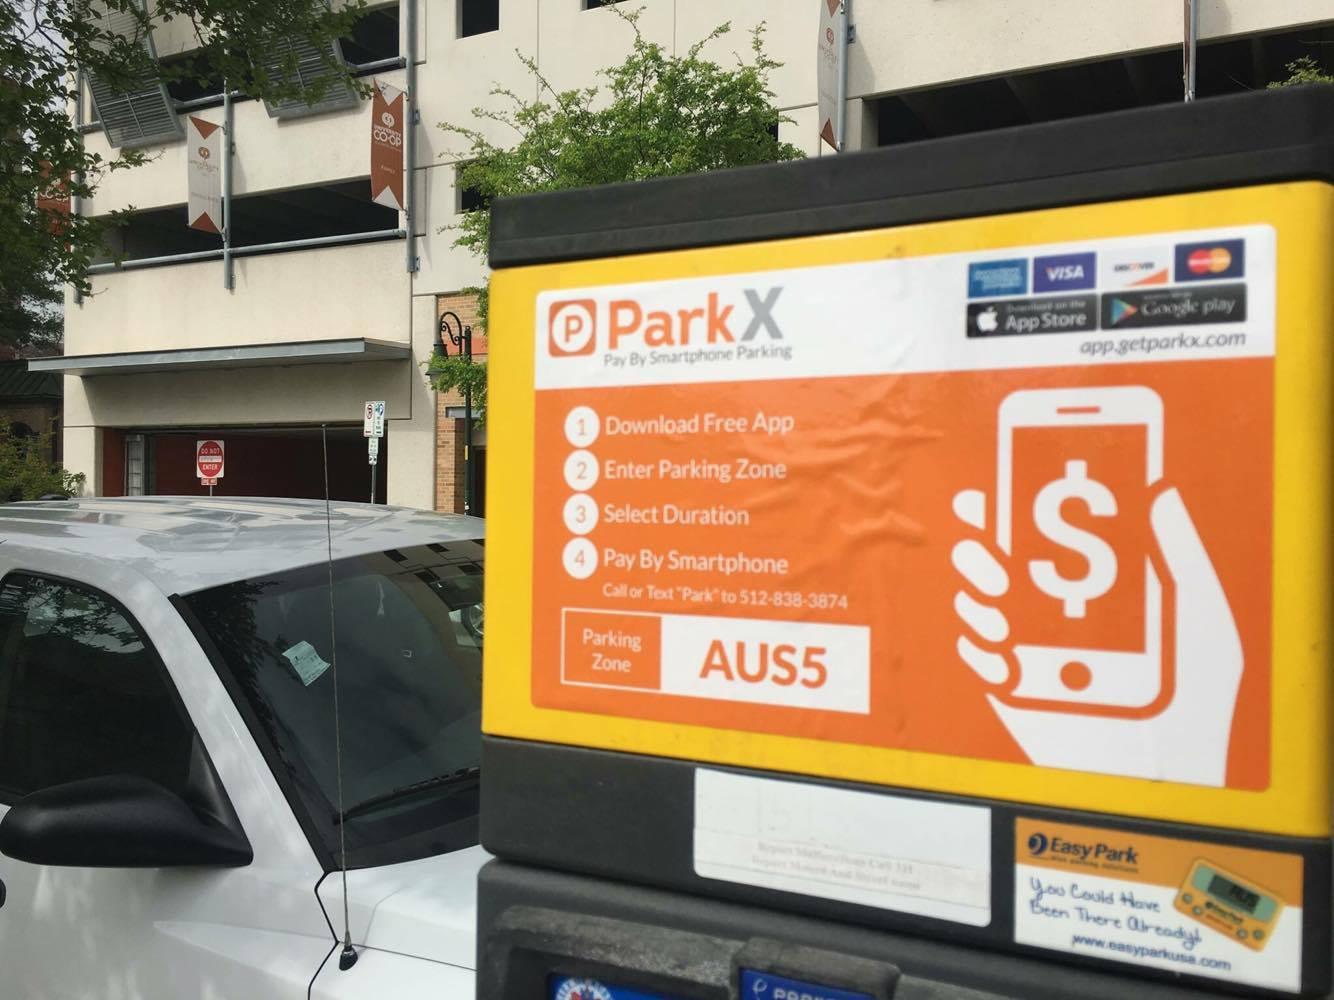 Park X App sign